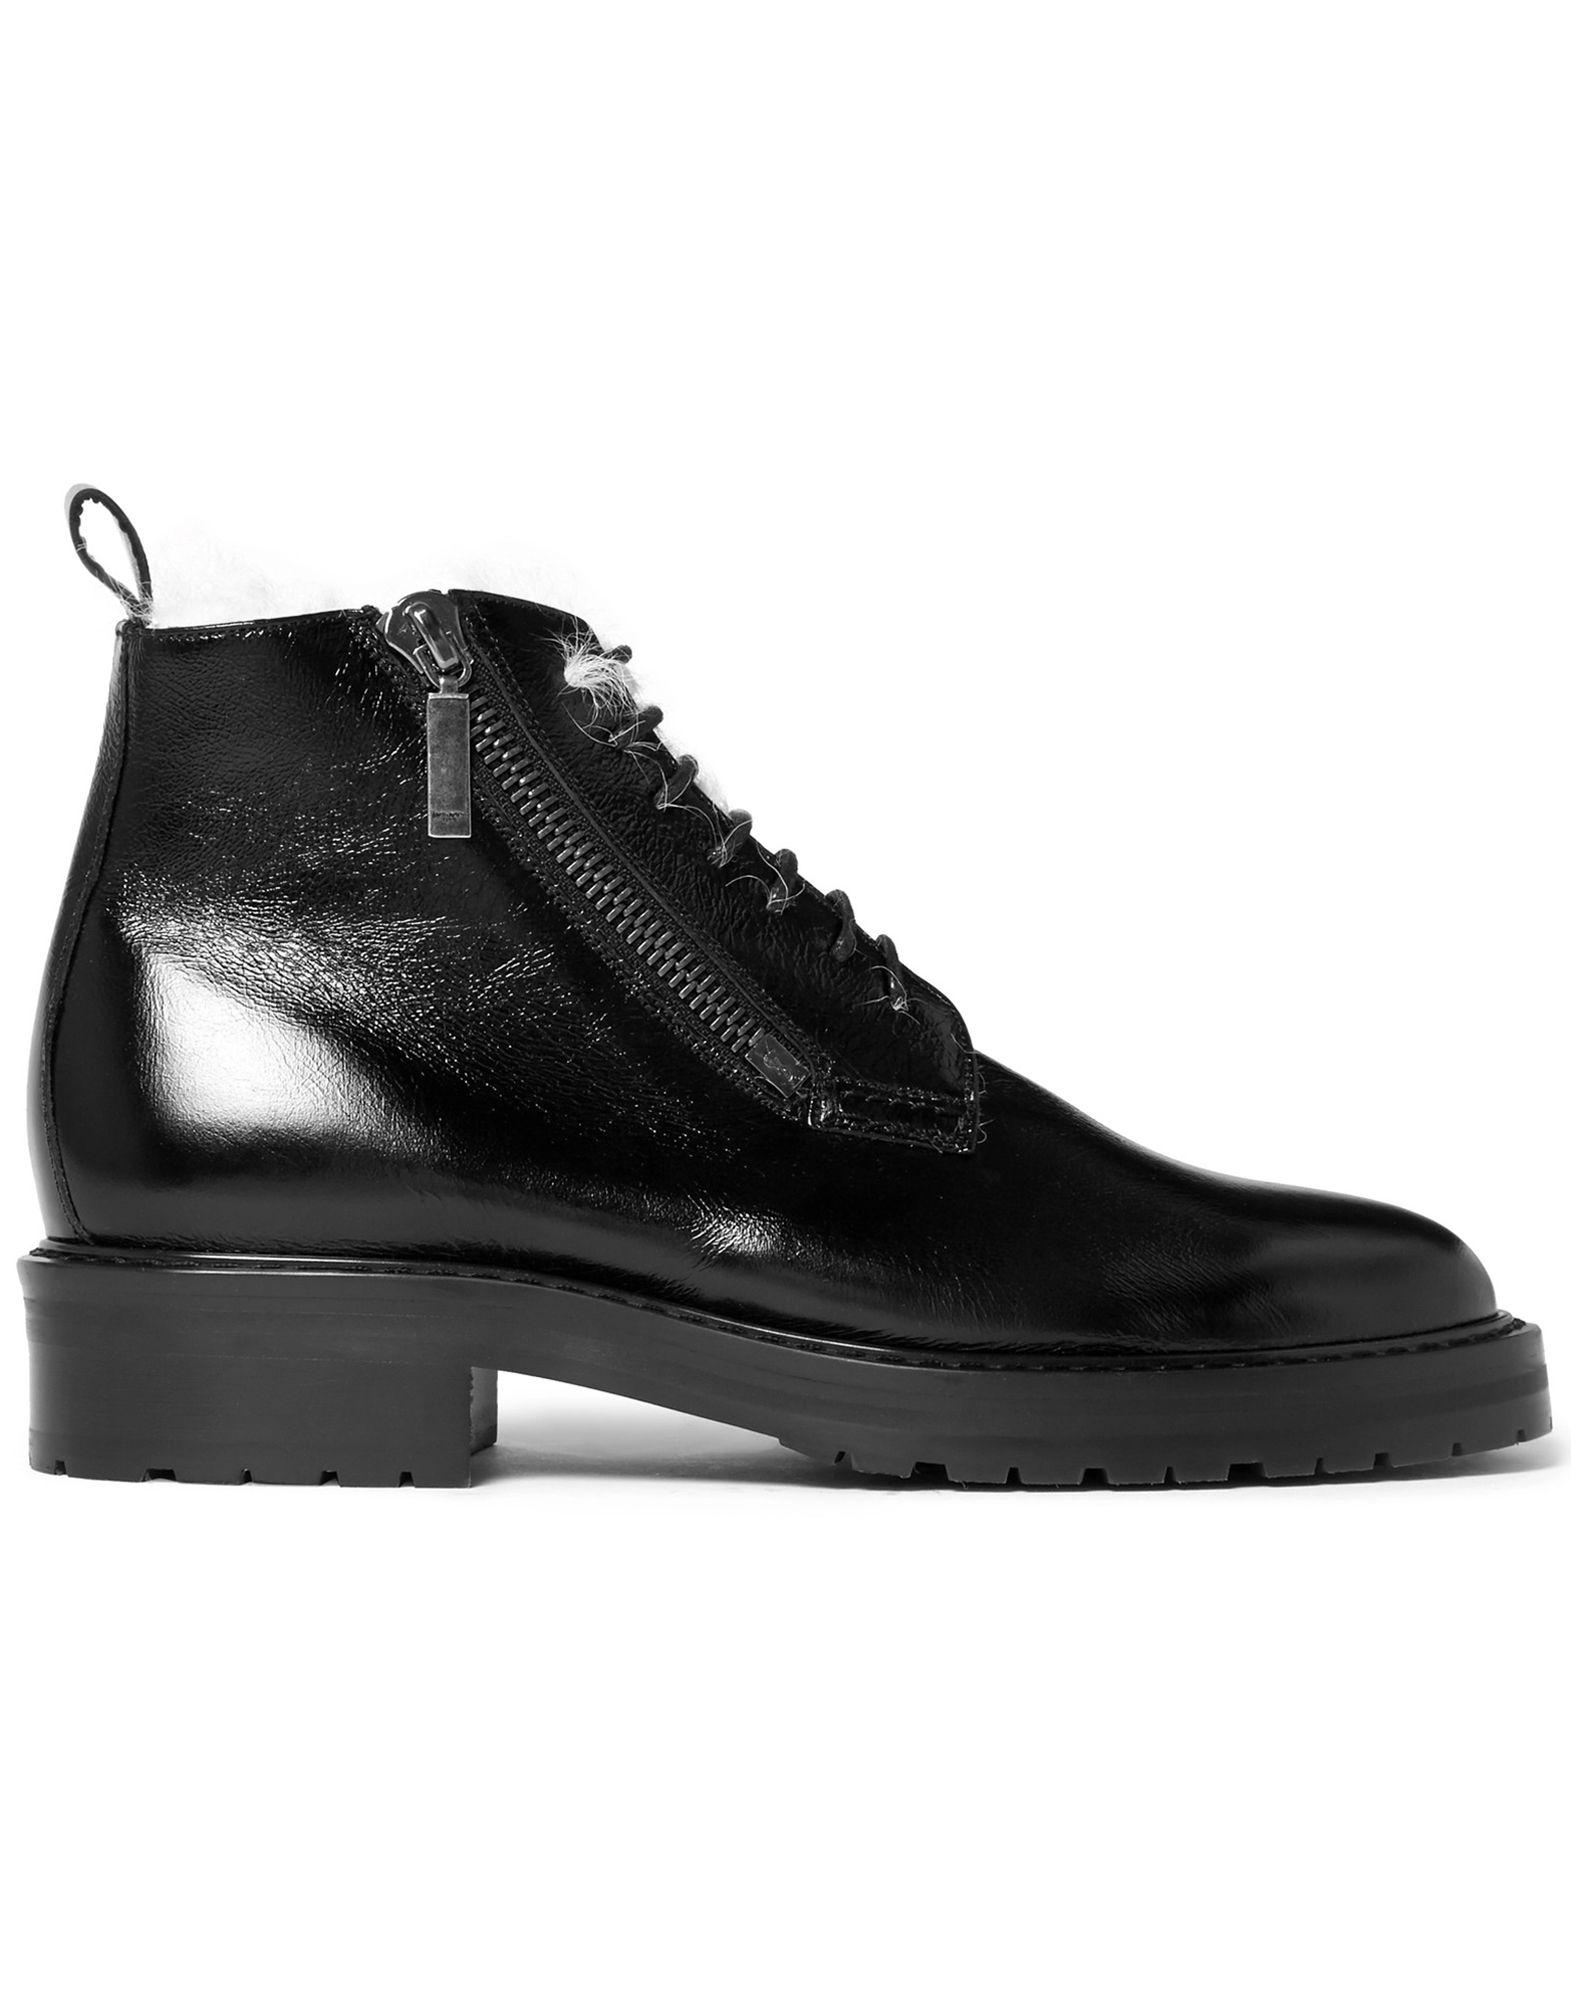 Saint Laurent Stiefelette Herren  11540364DQ Gute Qualität beliebte Schuhe